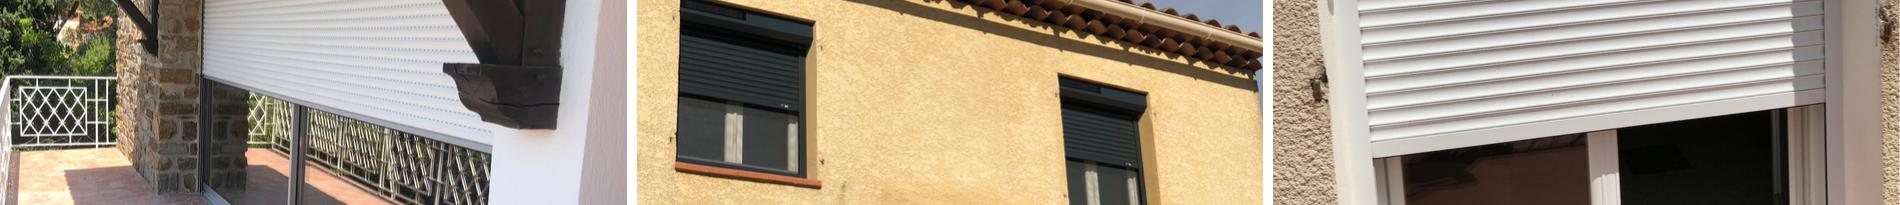 Pose de volets roulants électriques Somfy Sud Alu - Toulon - Brignoles - Six Fours (83)